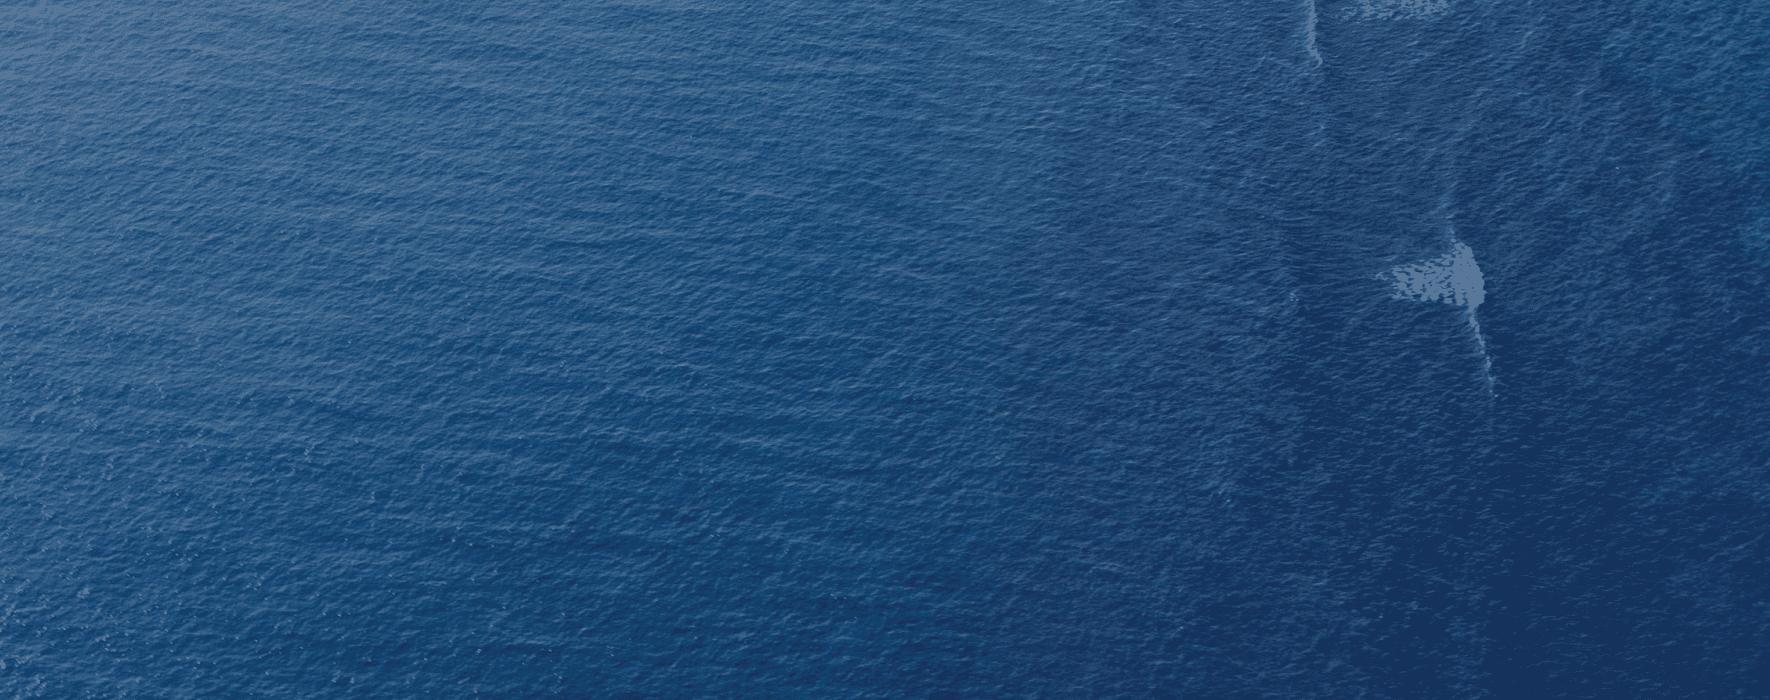 Deep blue open water